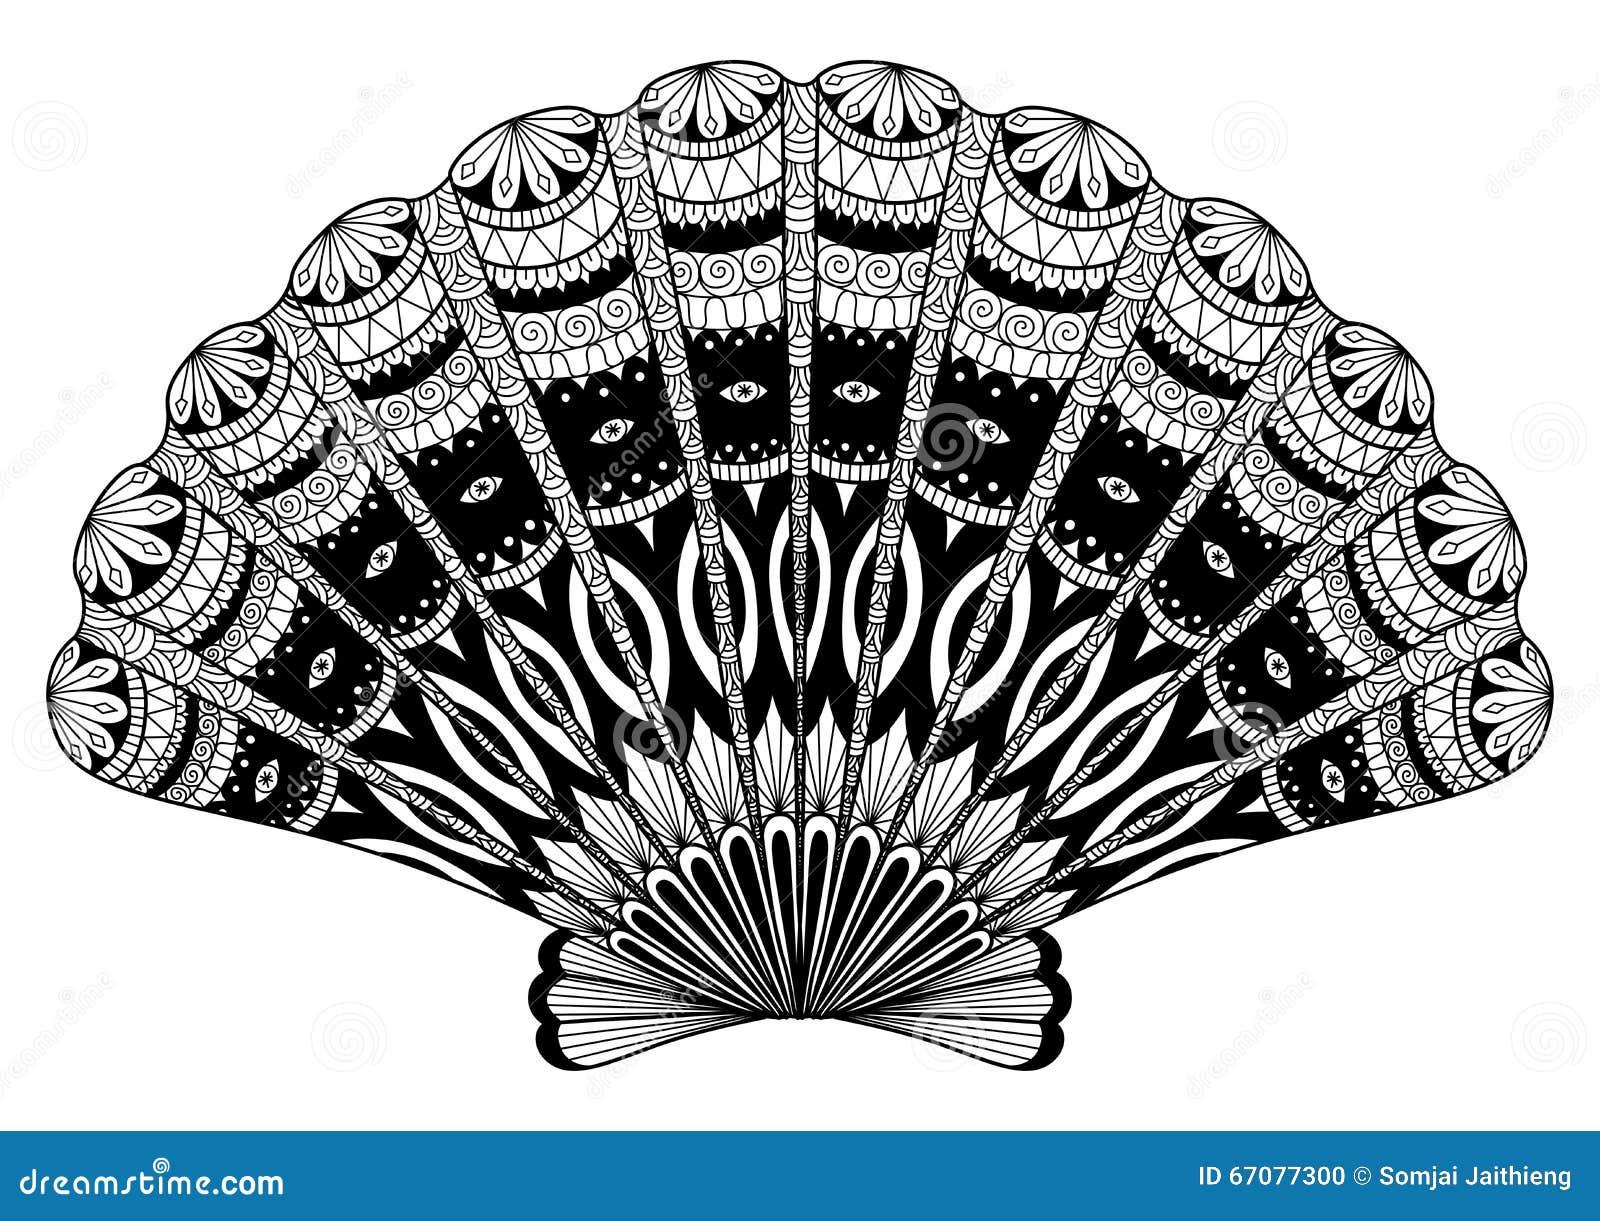 彩图的贝壳线艺术, T恤杉设计作用,商标,刺字等等